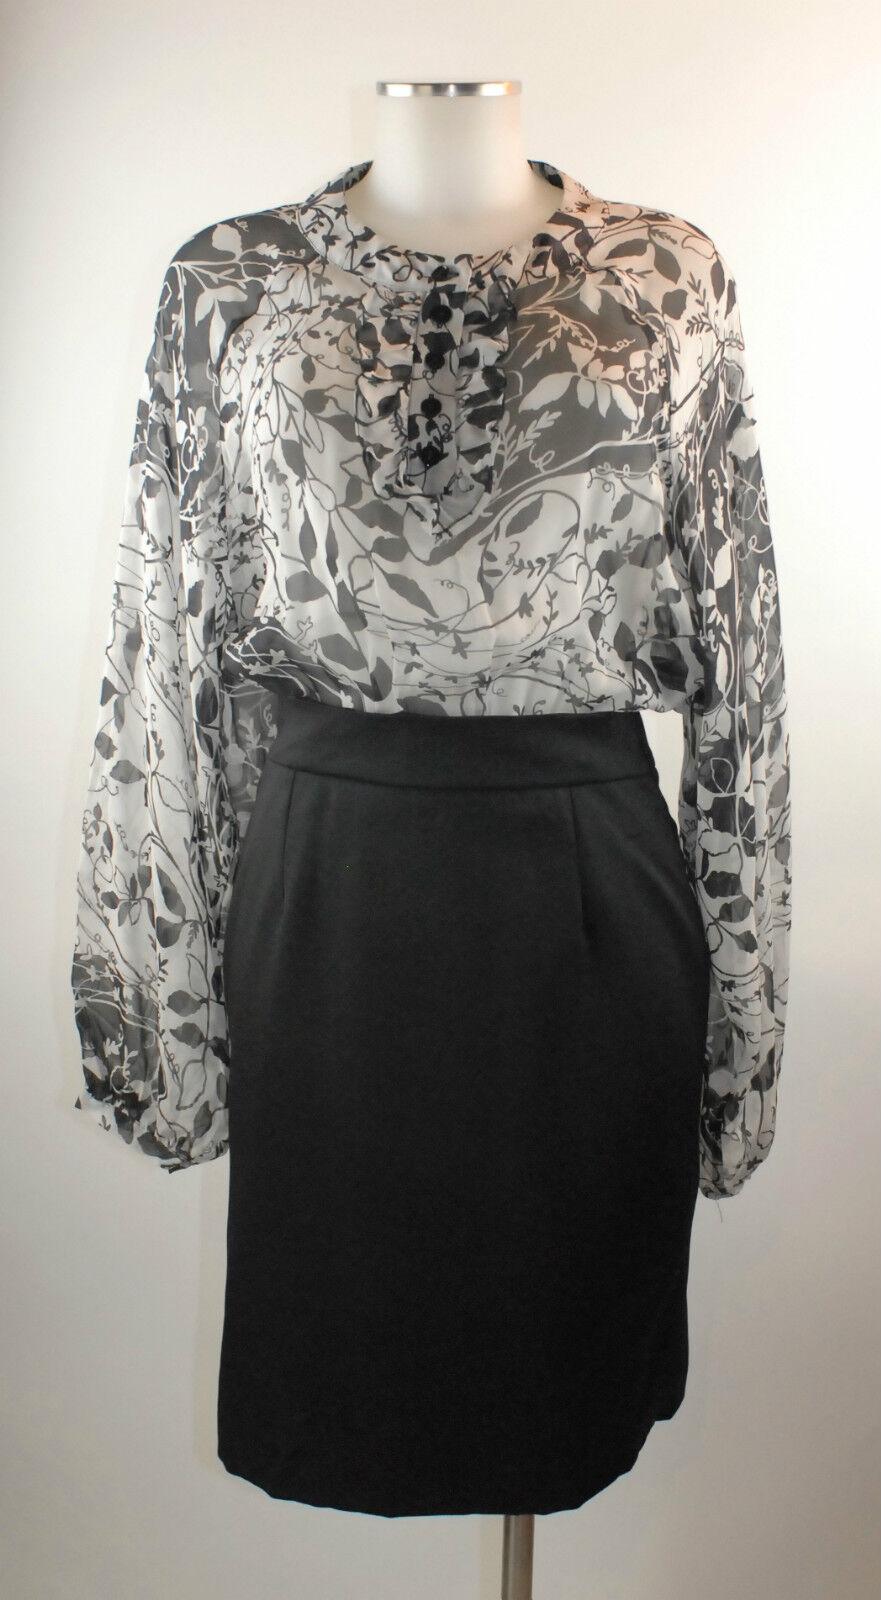 Nolita Kleid schwarz Weiss 36 38 (ital. 42) Seide Wolle wie neu Luxus dress robe